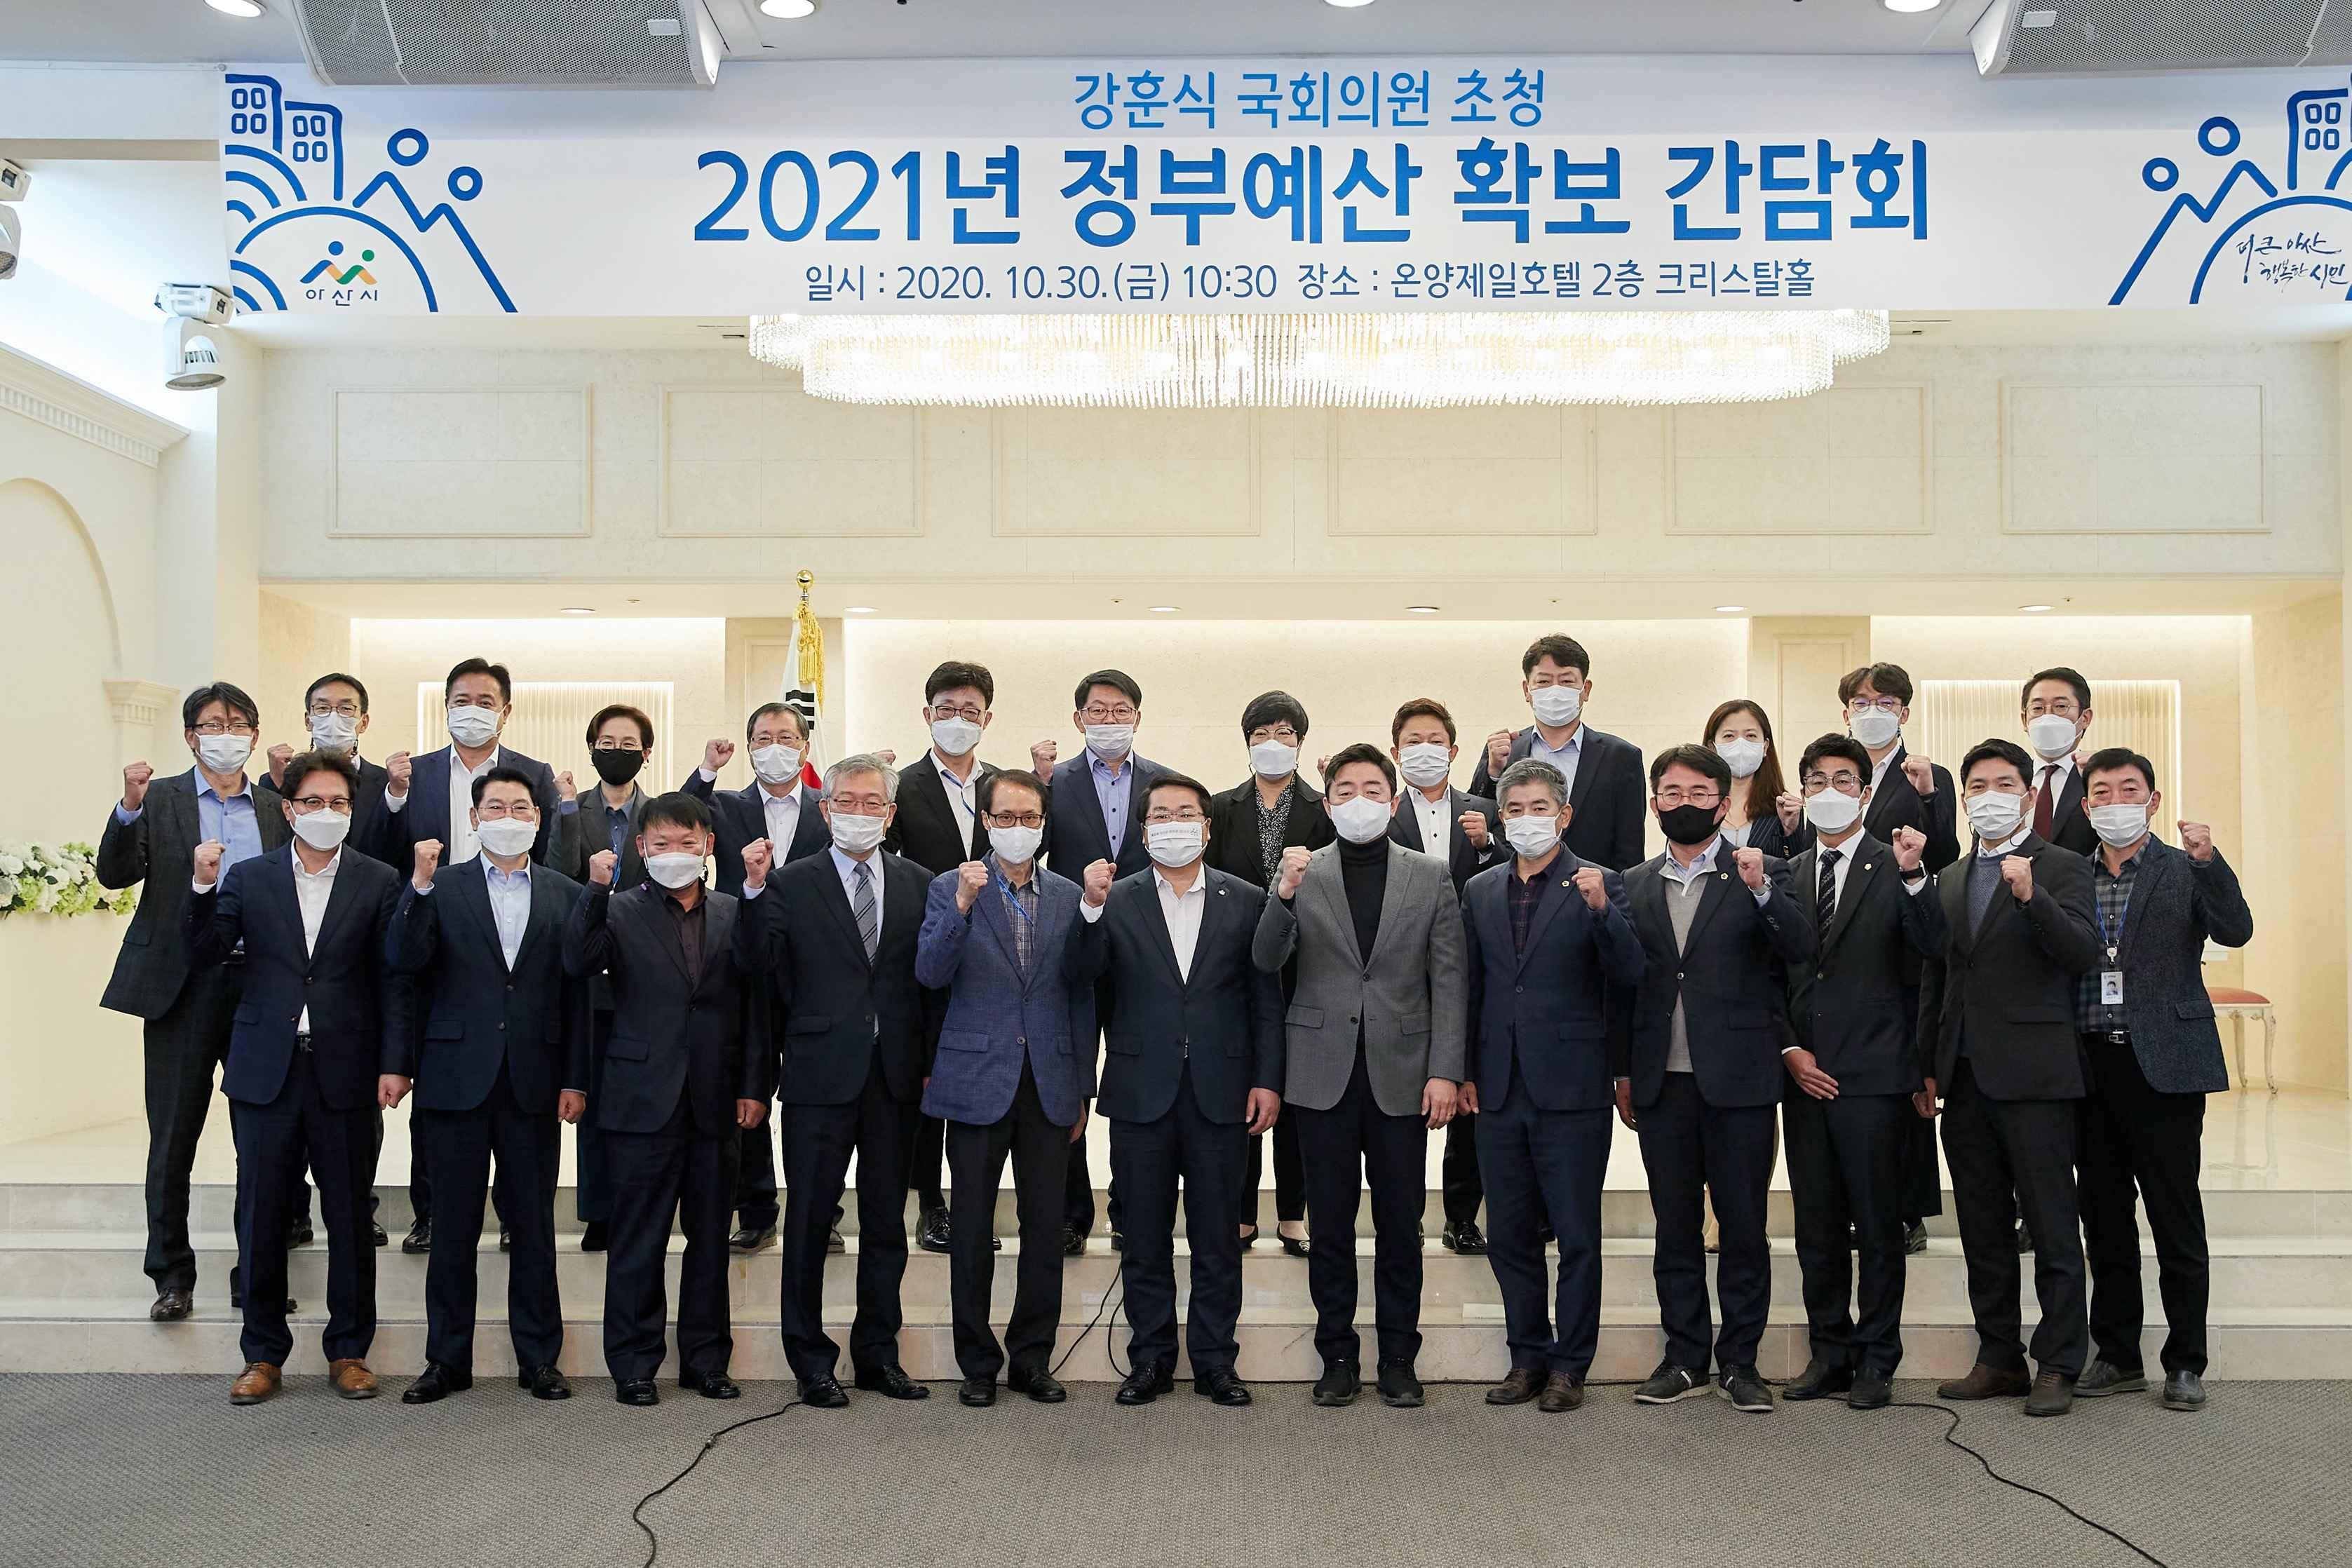 아산시, 강훈식 국회의원과 정부예산확보 간담회 개최 관련사진